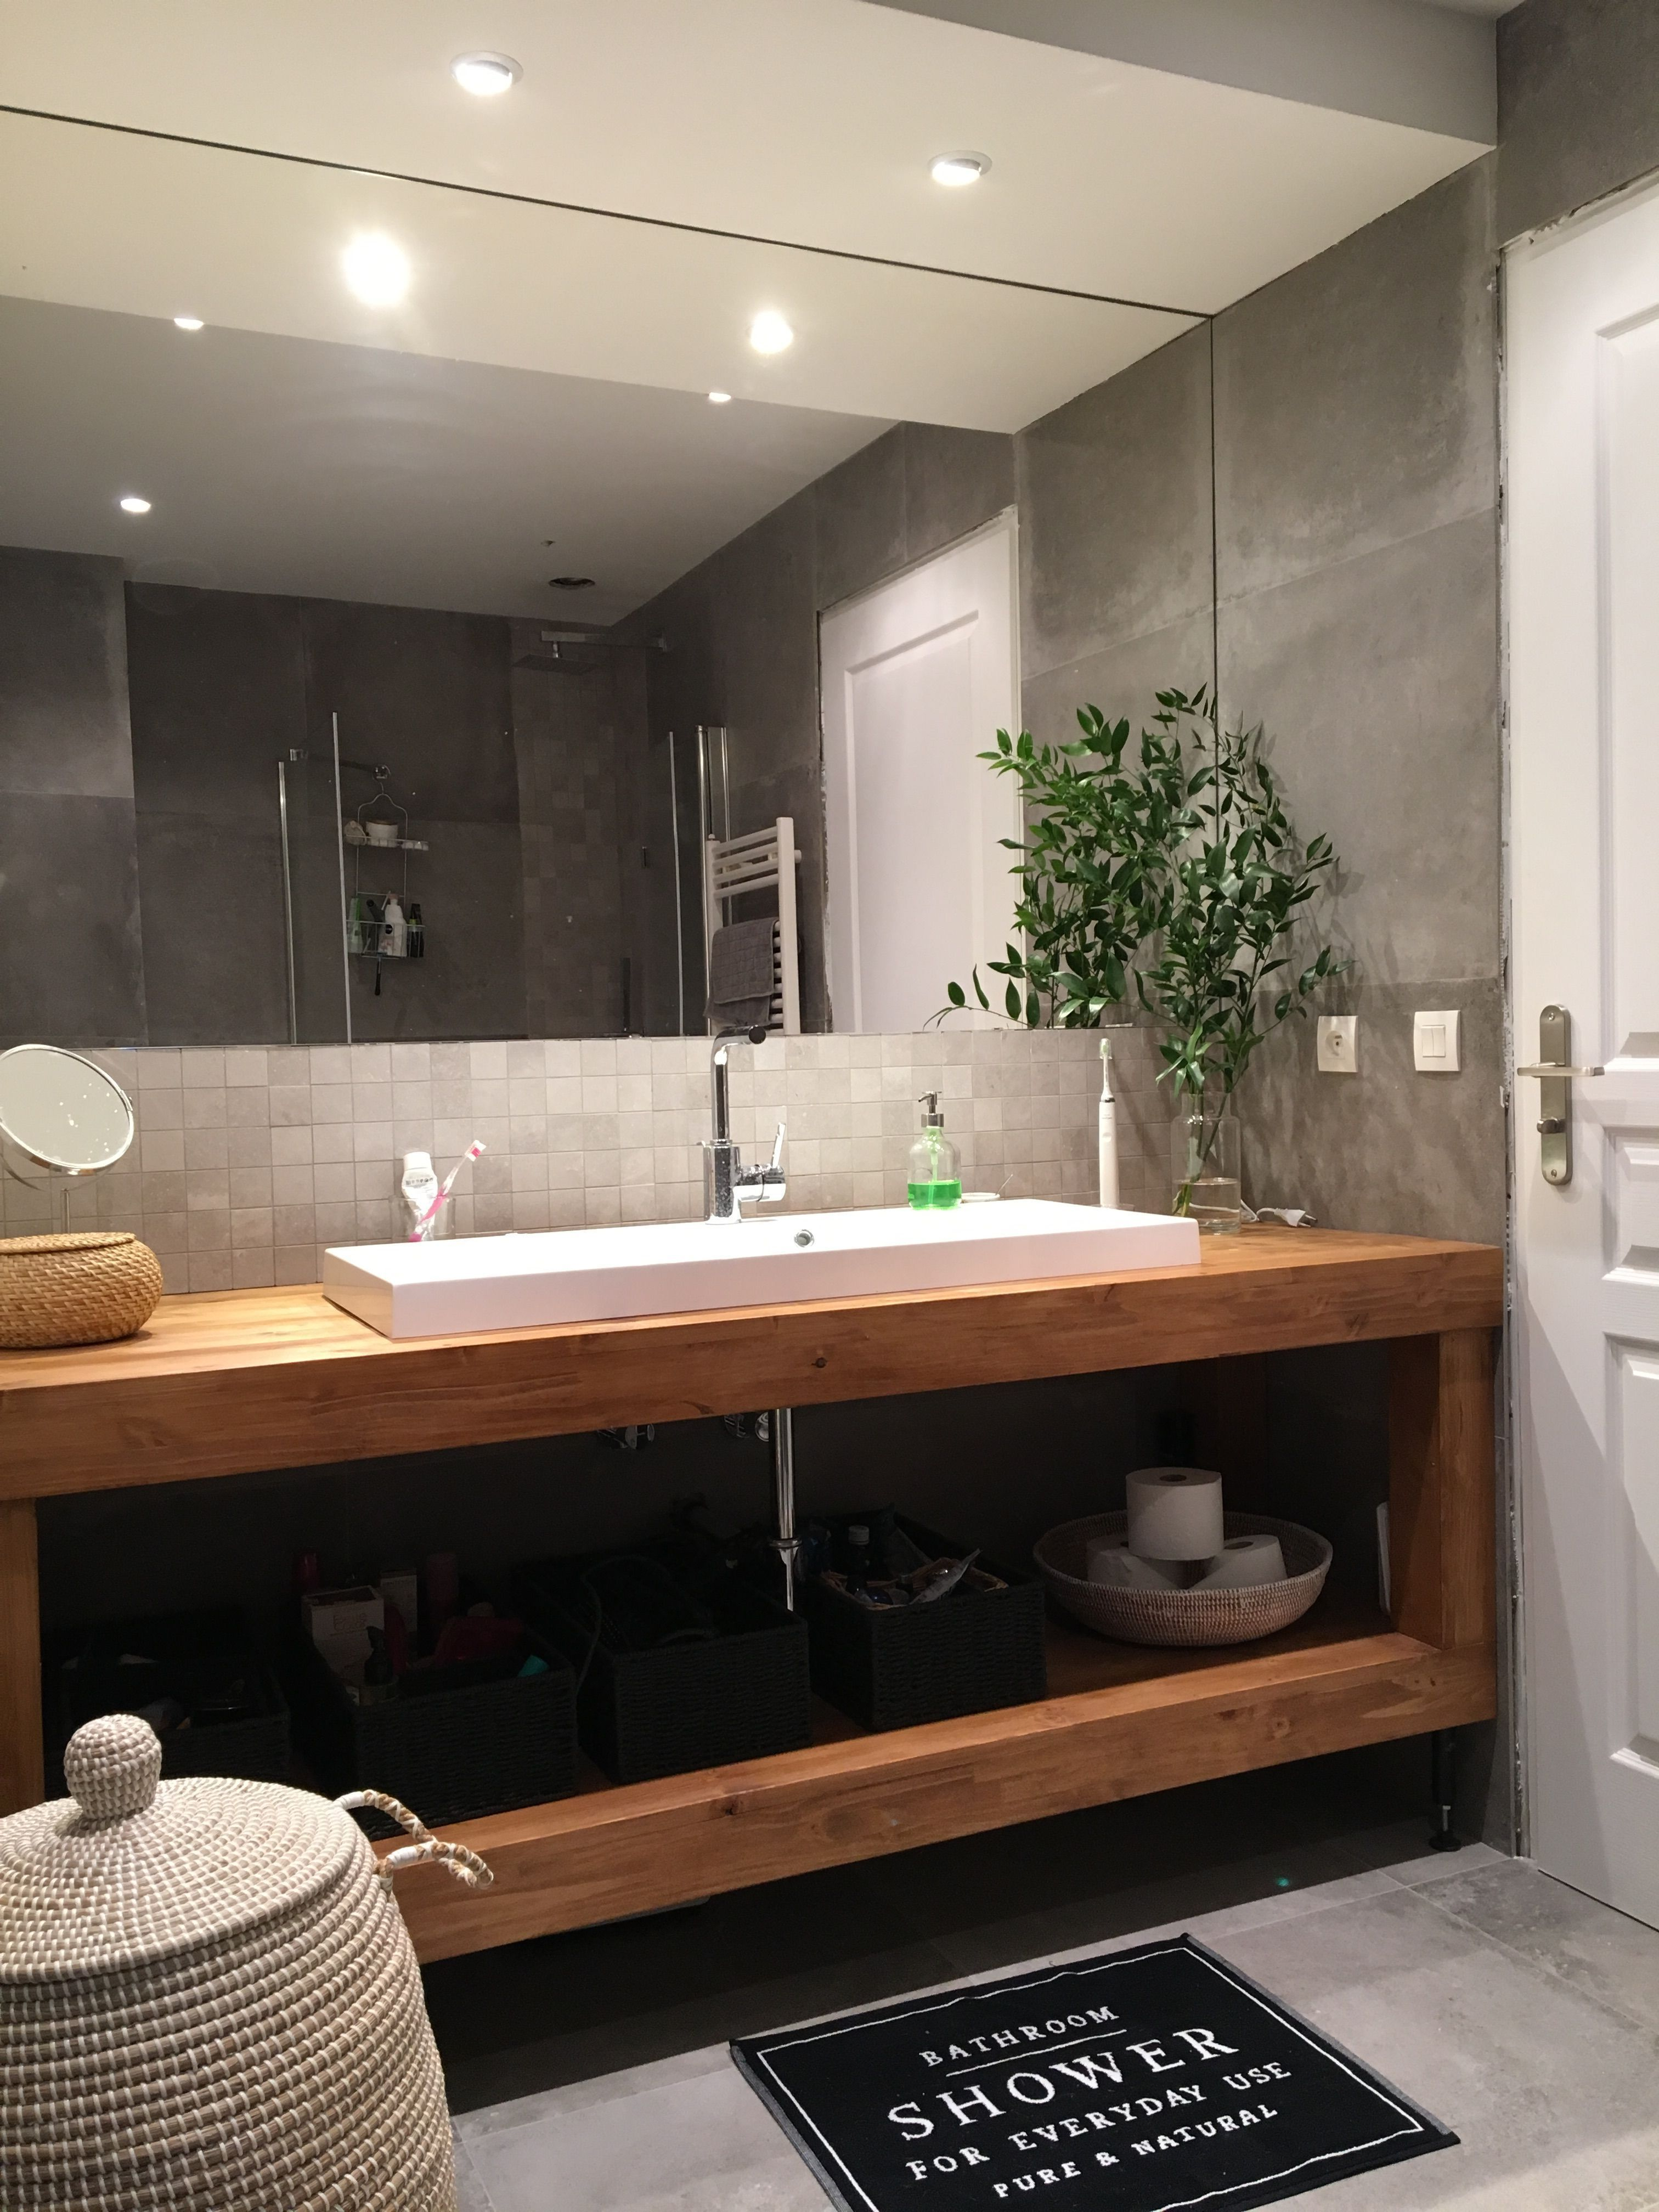 Spa Bathroom Decor Zen Grey Bathrooms Bathroom Interior Design Bathroom Interior